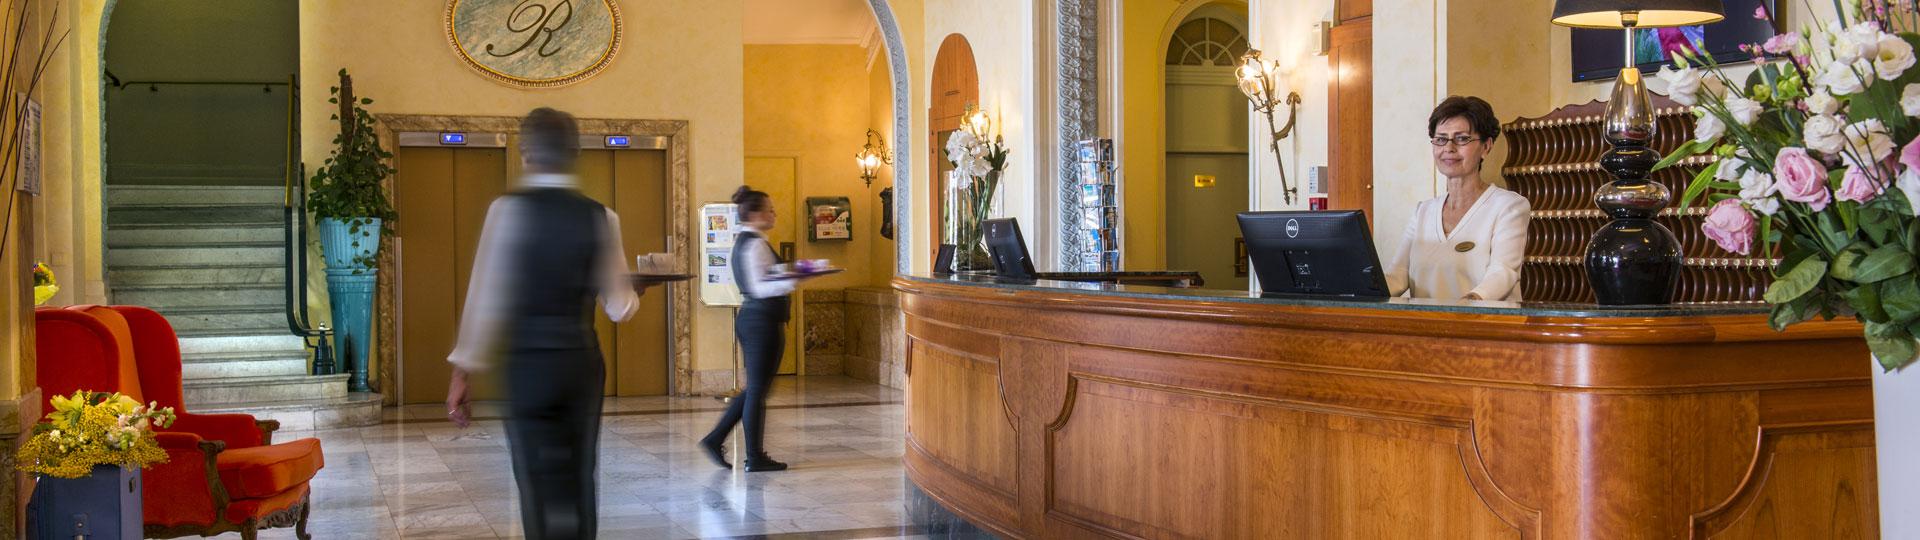 Réception ouvert 24/24 et 7j/7j de l'hôtel Le Royal***